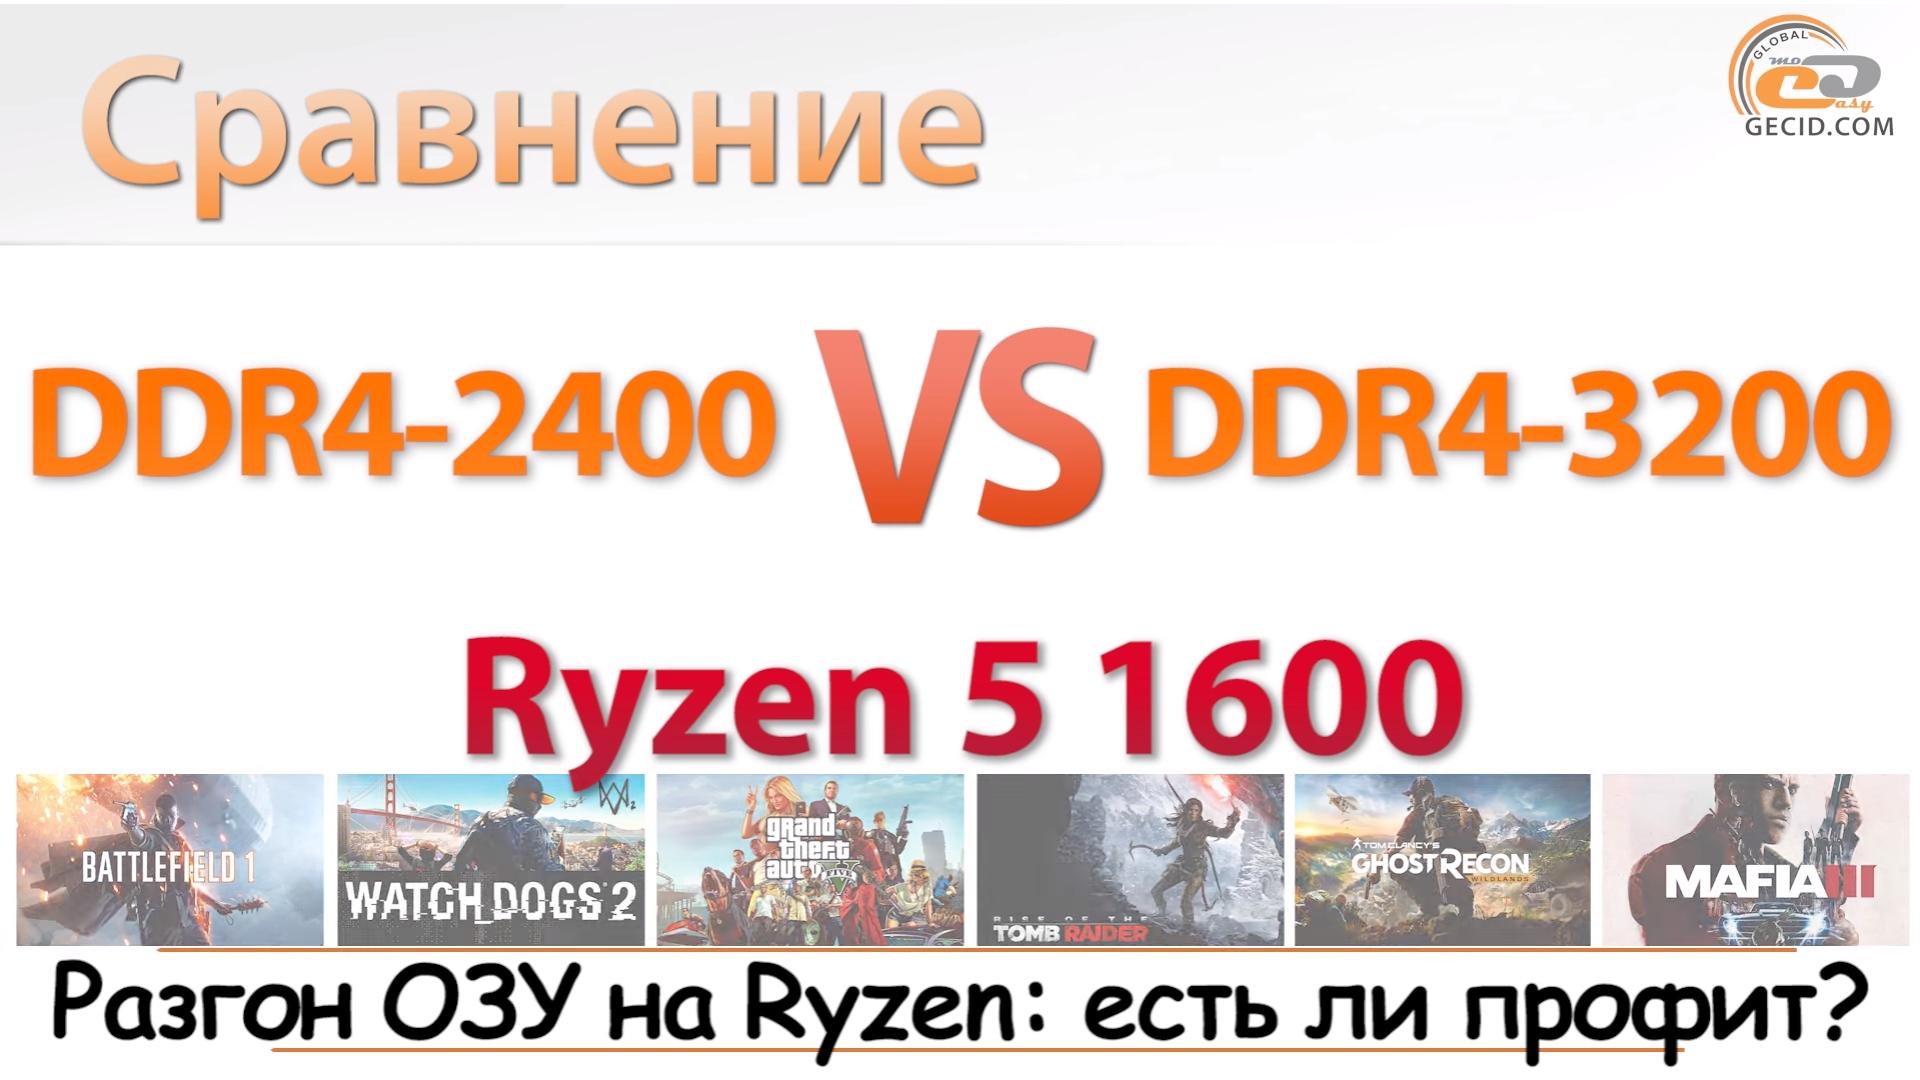 GECID com: Сравнение DDR4-2400 vs DDR4-3200 на Ryzen 5 1600: стоит